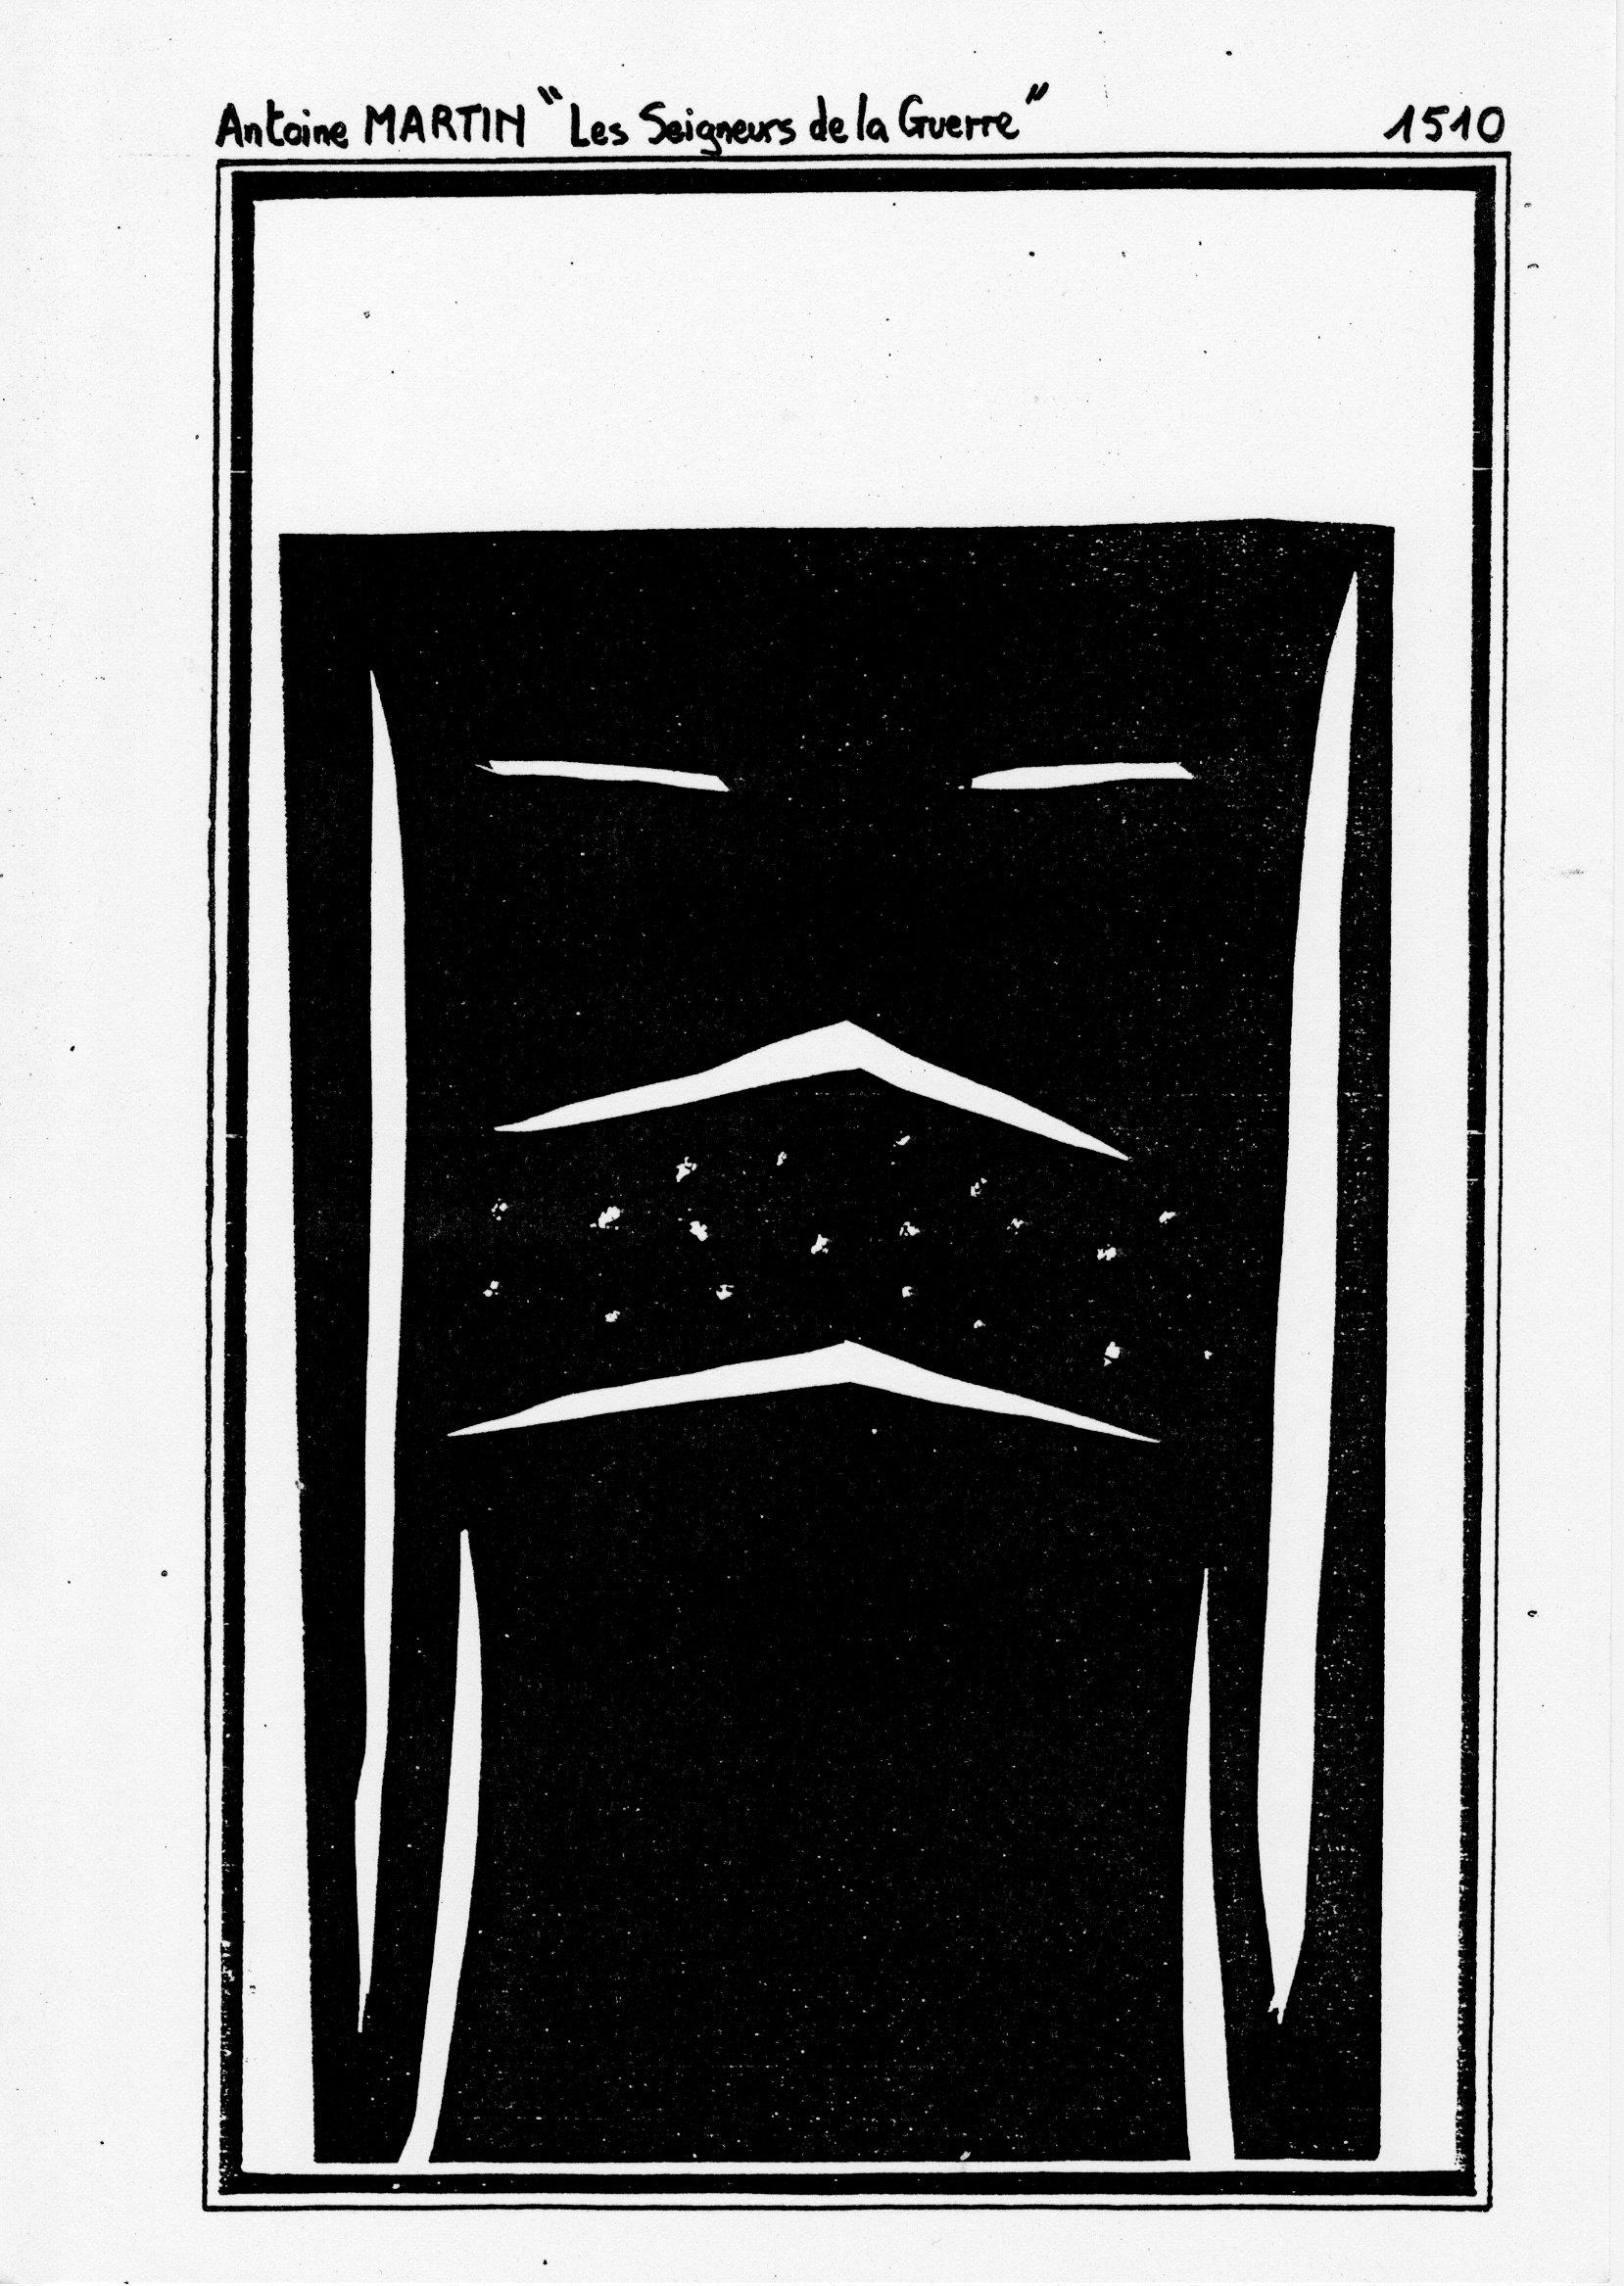 page 1510 A. Martin LES SEIGNEURS DE LA GUERRE